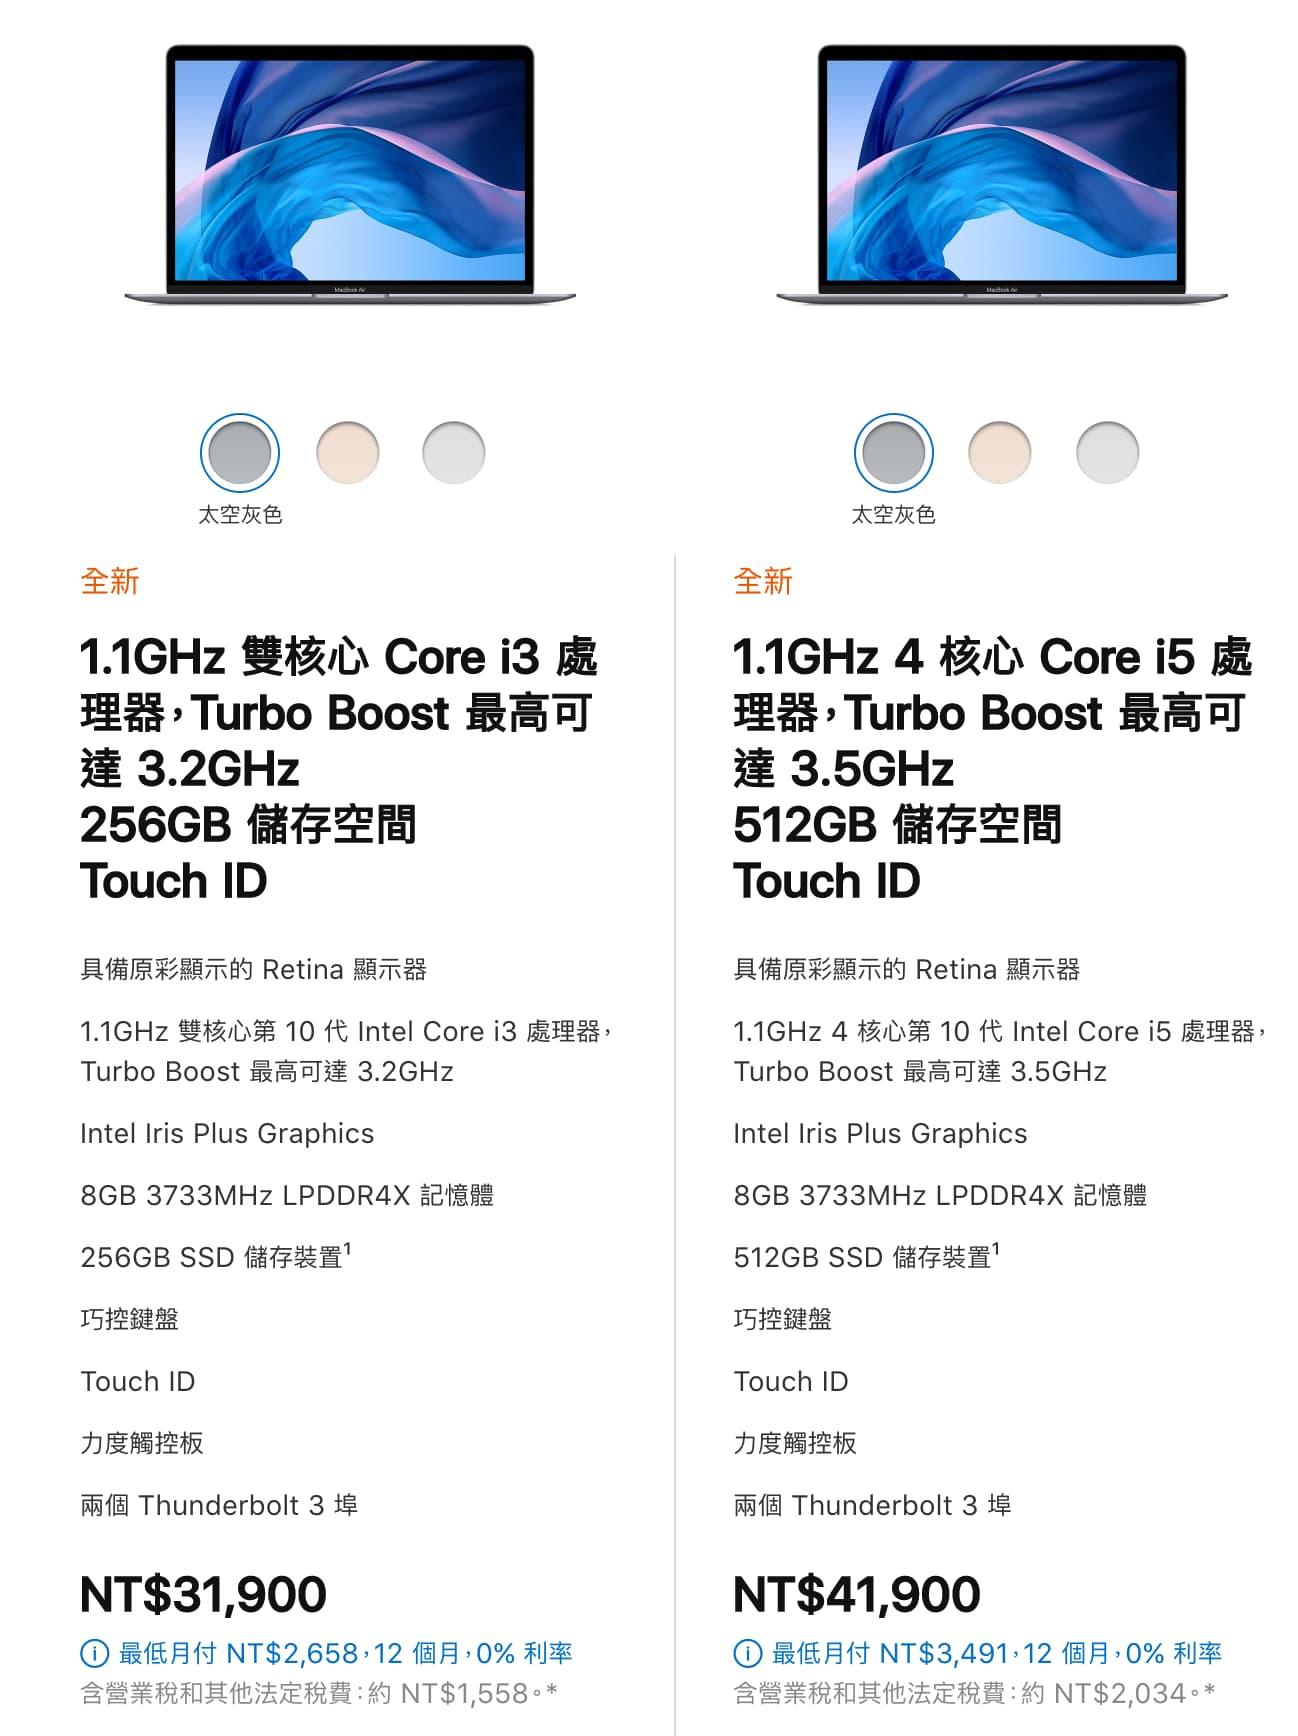 處理器更快、容量更大、價格更便宜